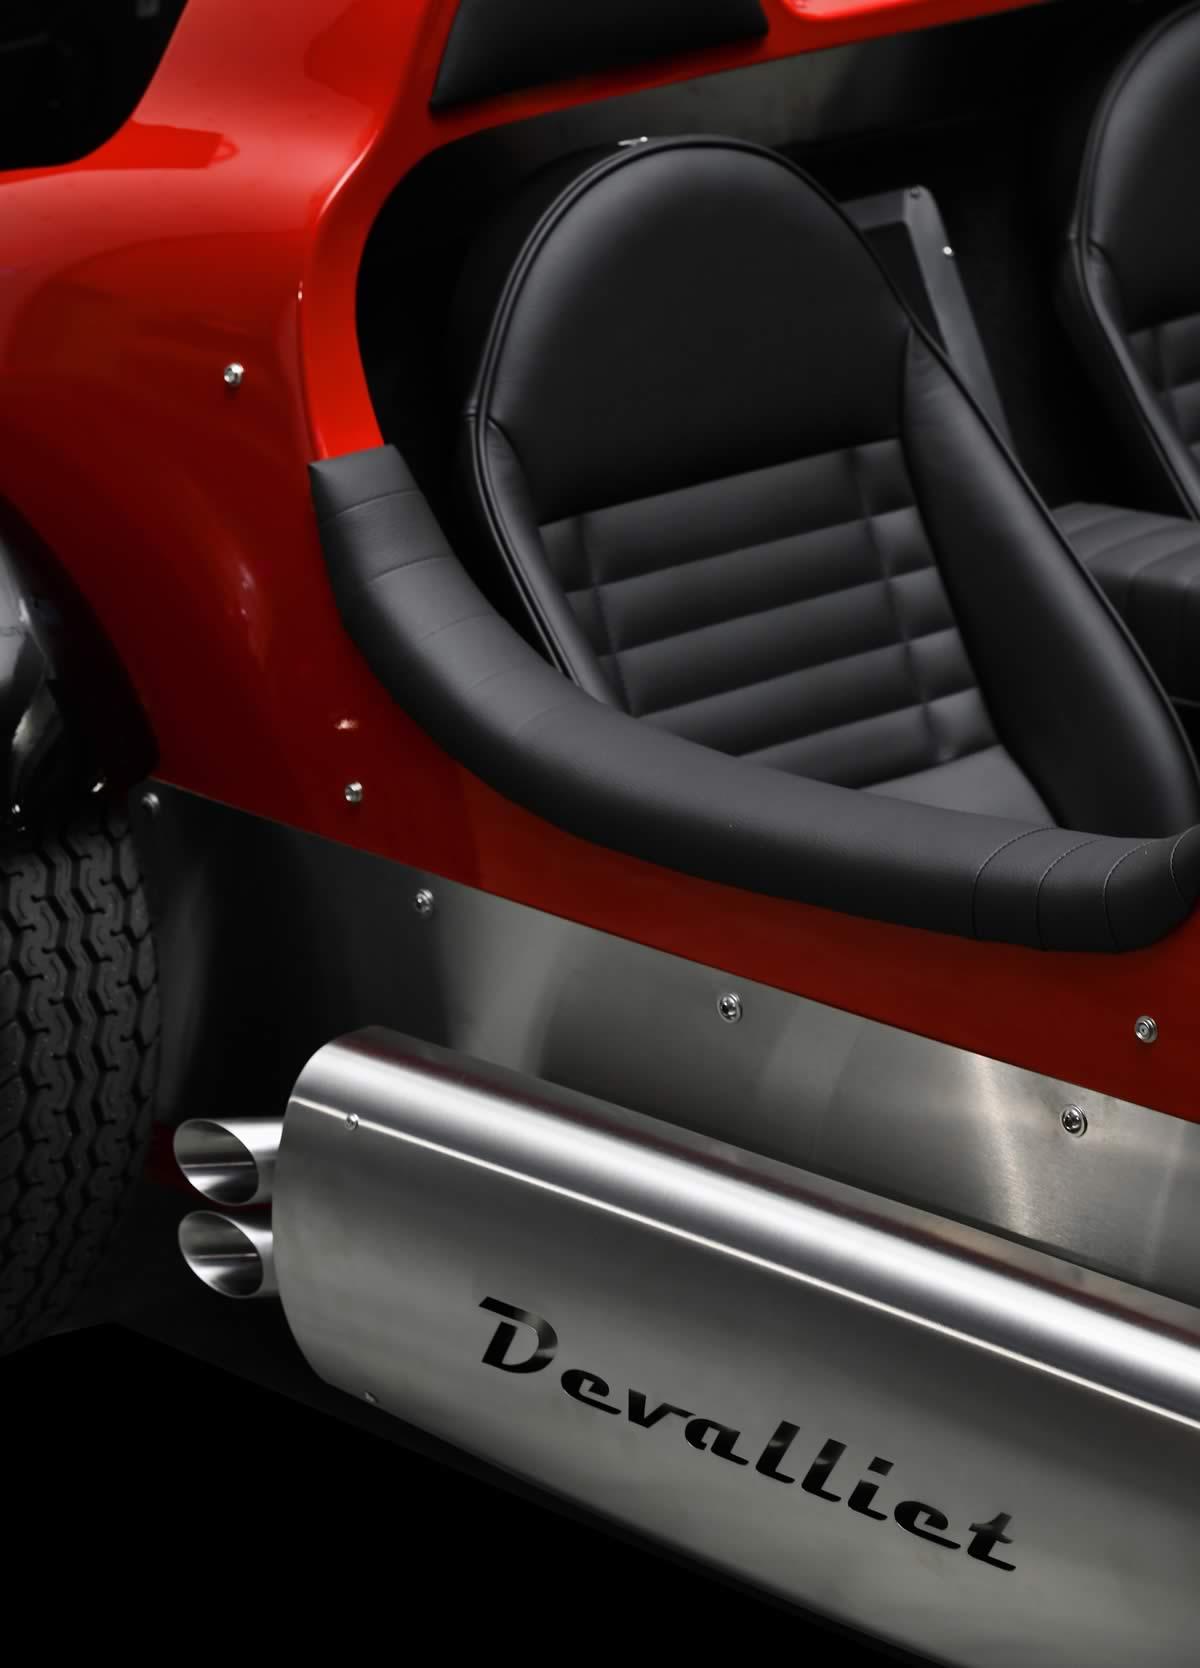 Devalliet - Concepteur et fabricant automobile d'exception en Isère- voiture authentique